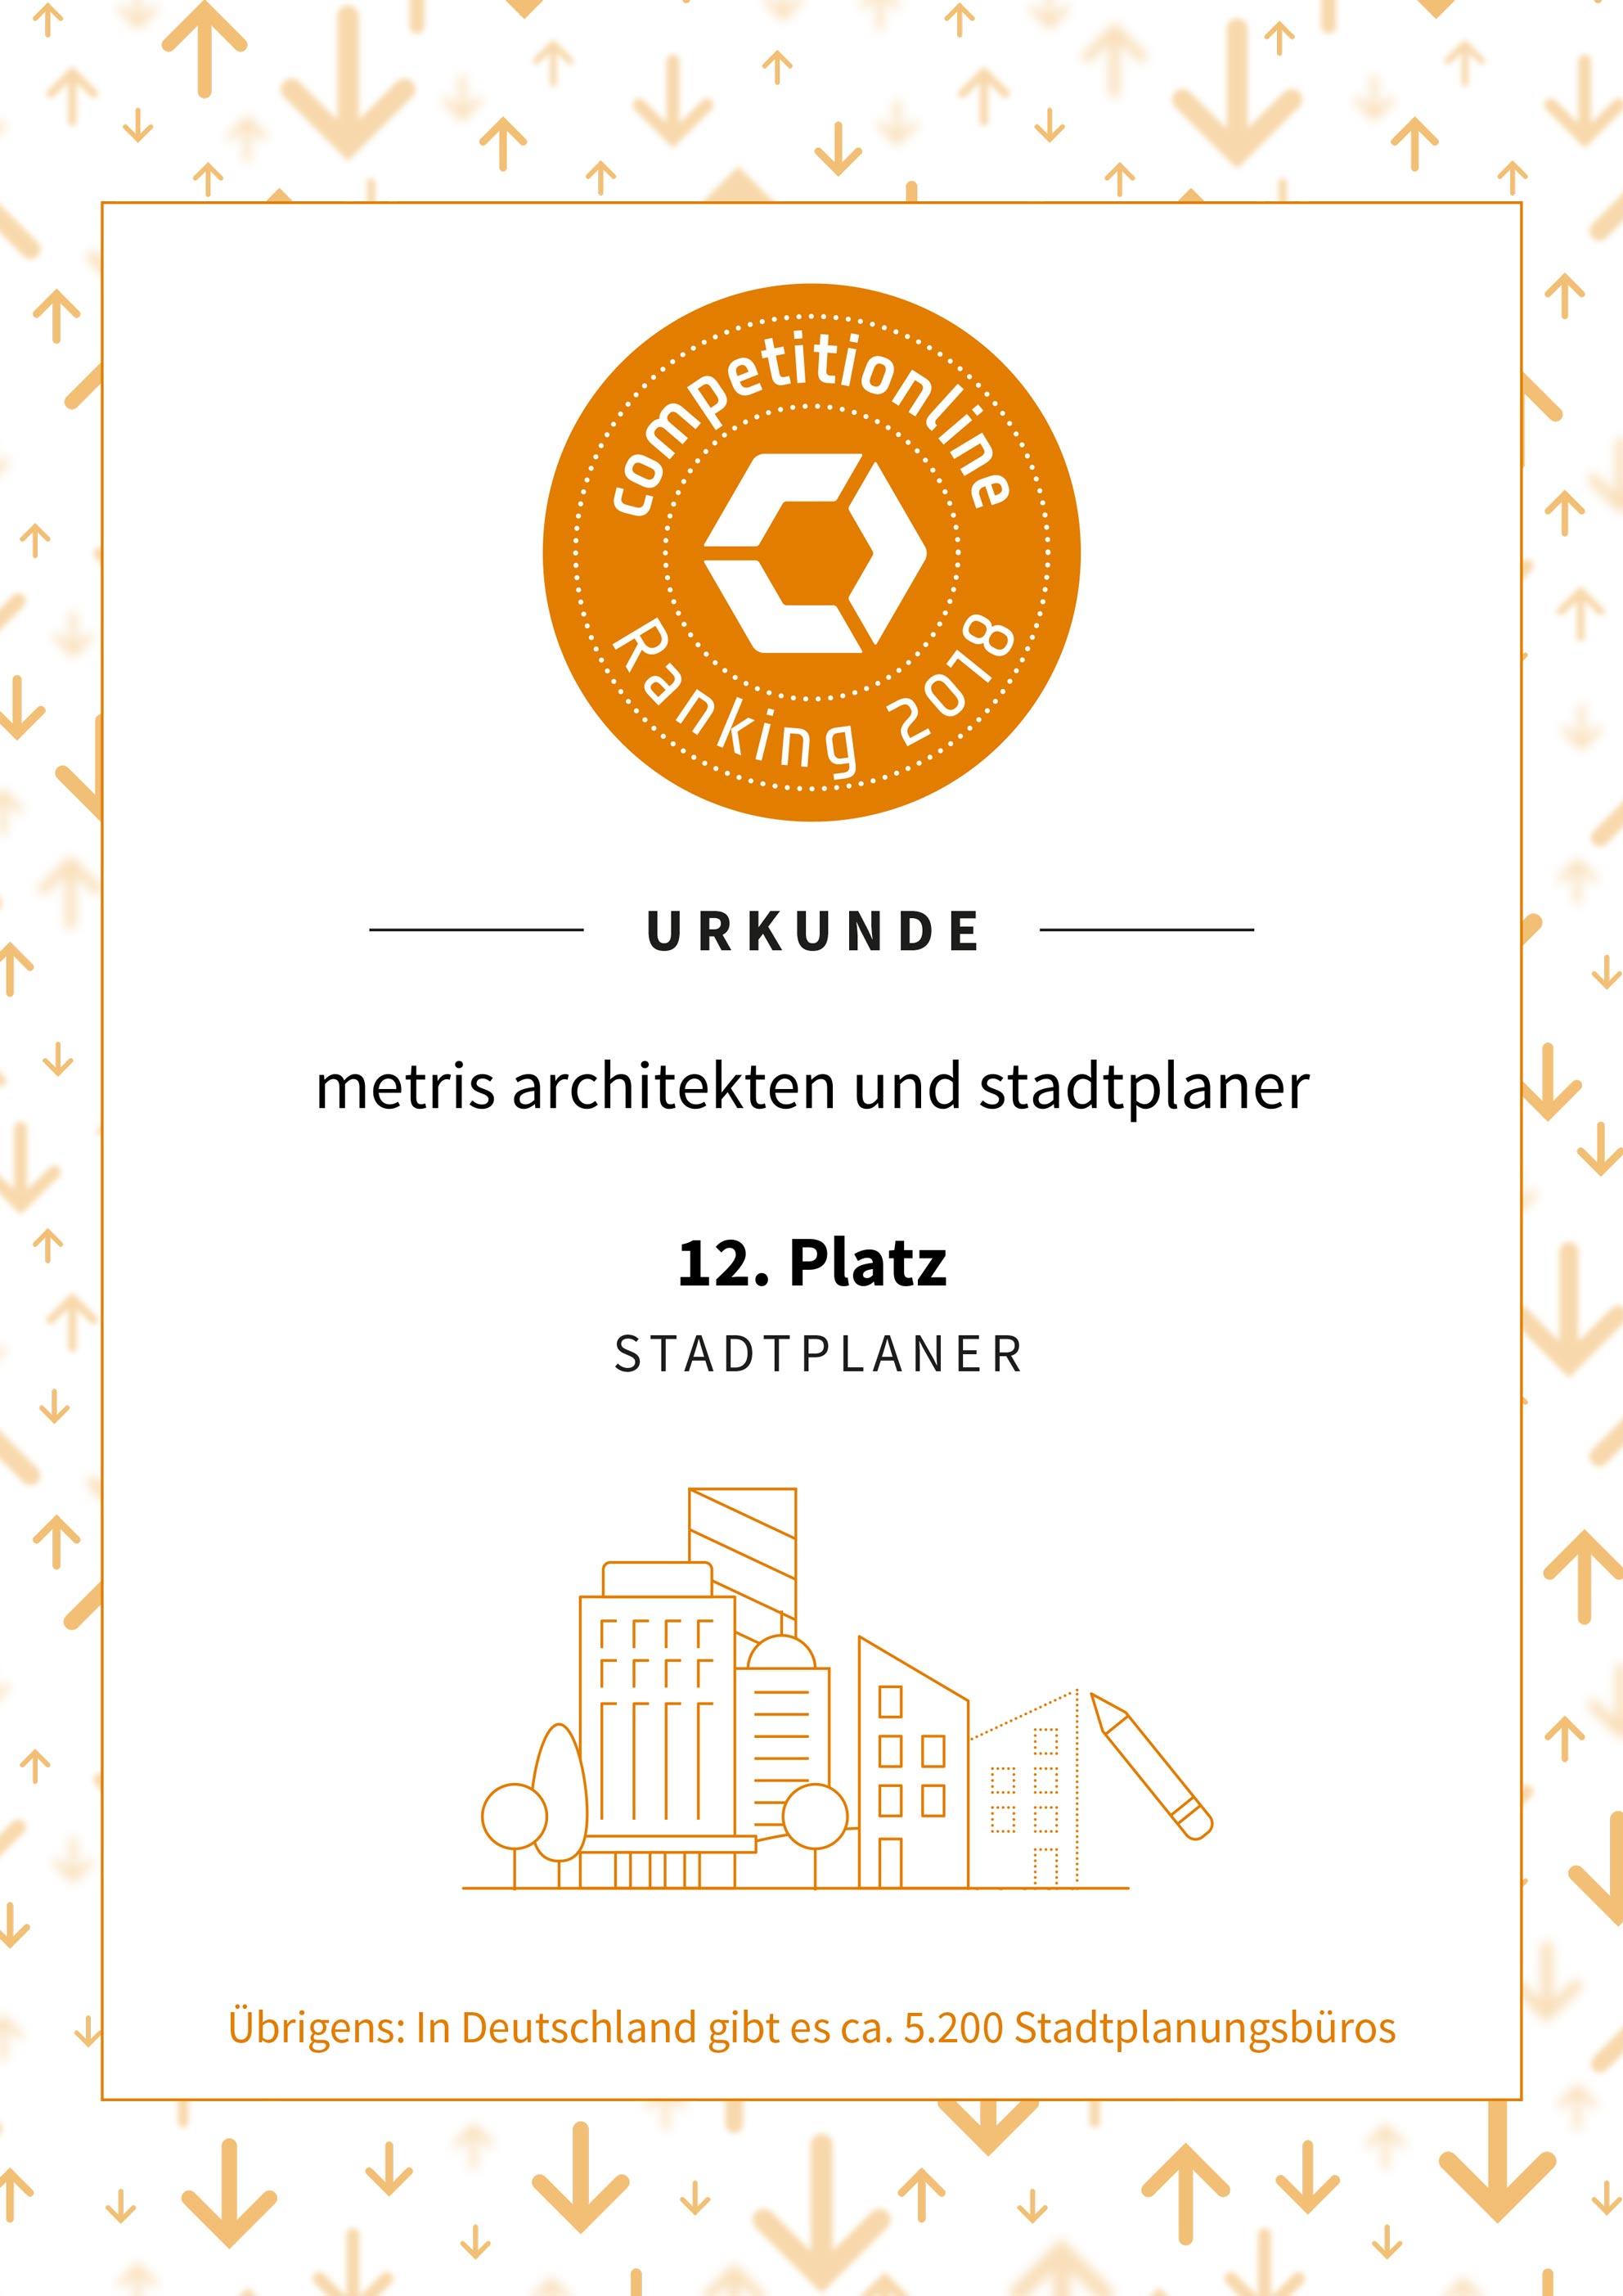 Metris architekten stadtplaner heidelberg for Innenarchitekt gesucht